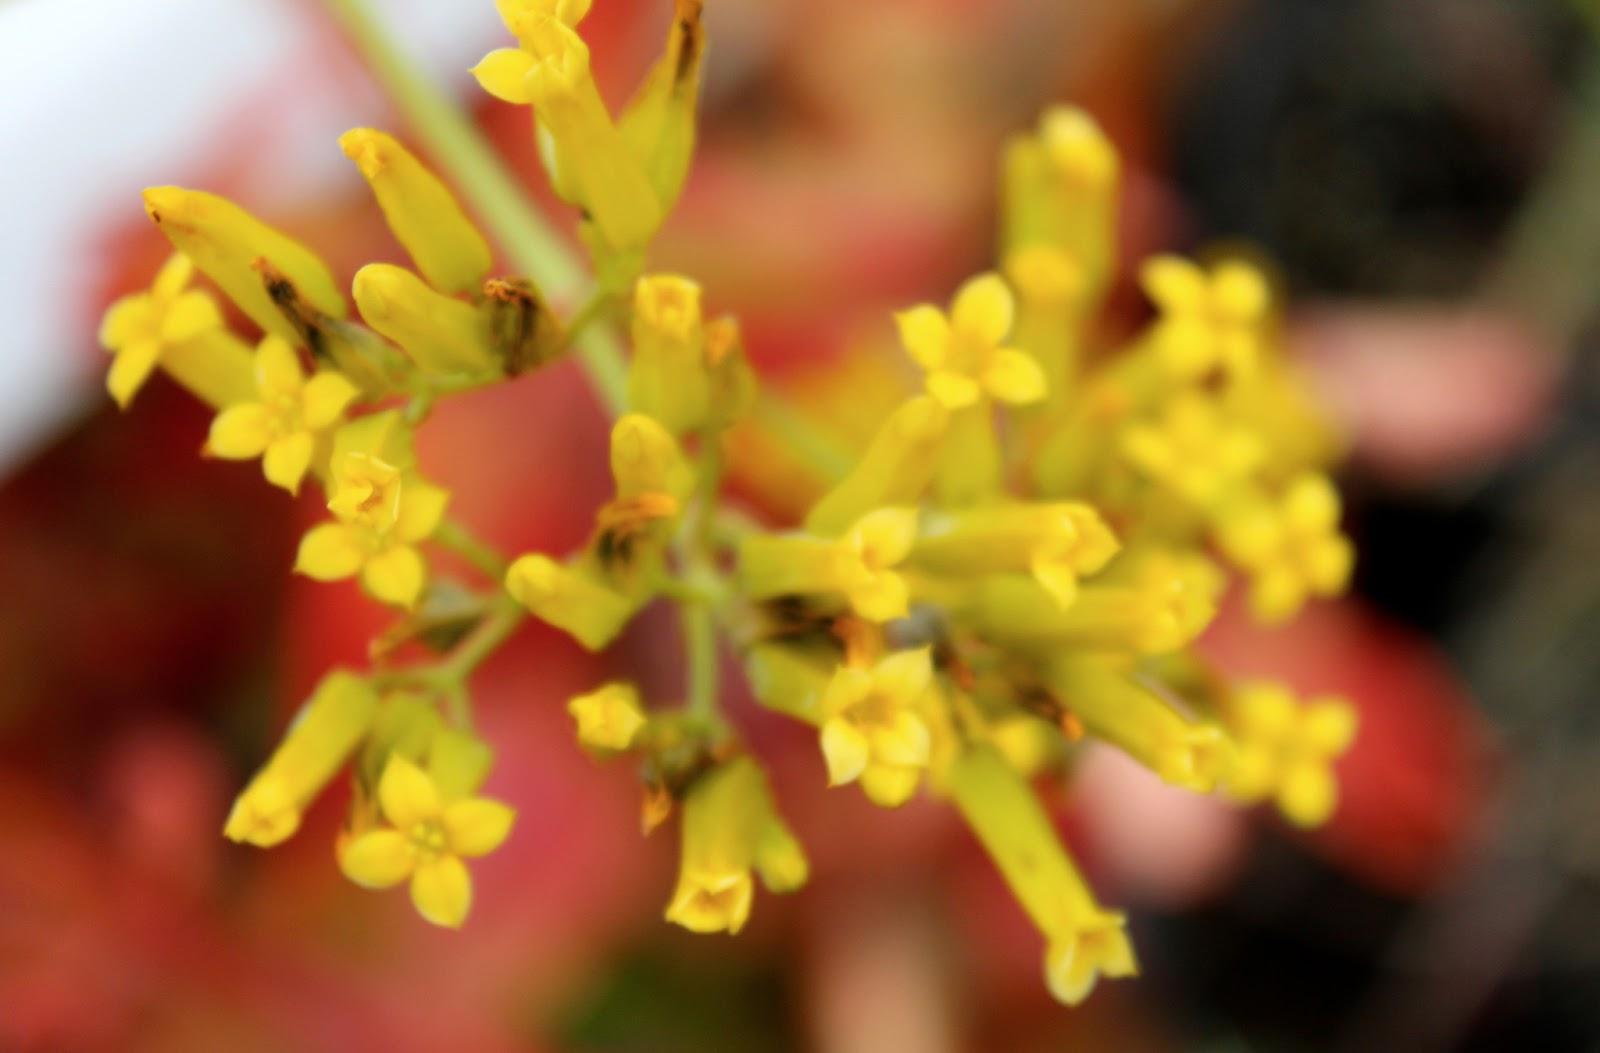 Yellow flowered shrub crossword clue choice image flower yellow flowered shrub crossword clue garden flower summer still yellow flowered shrub crossword clue florez nursery mightylinksfo